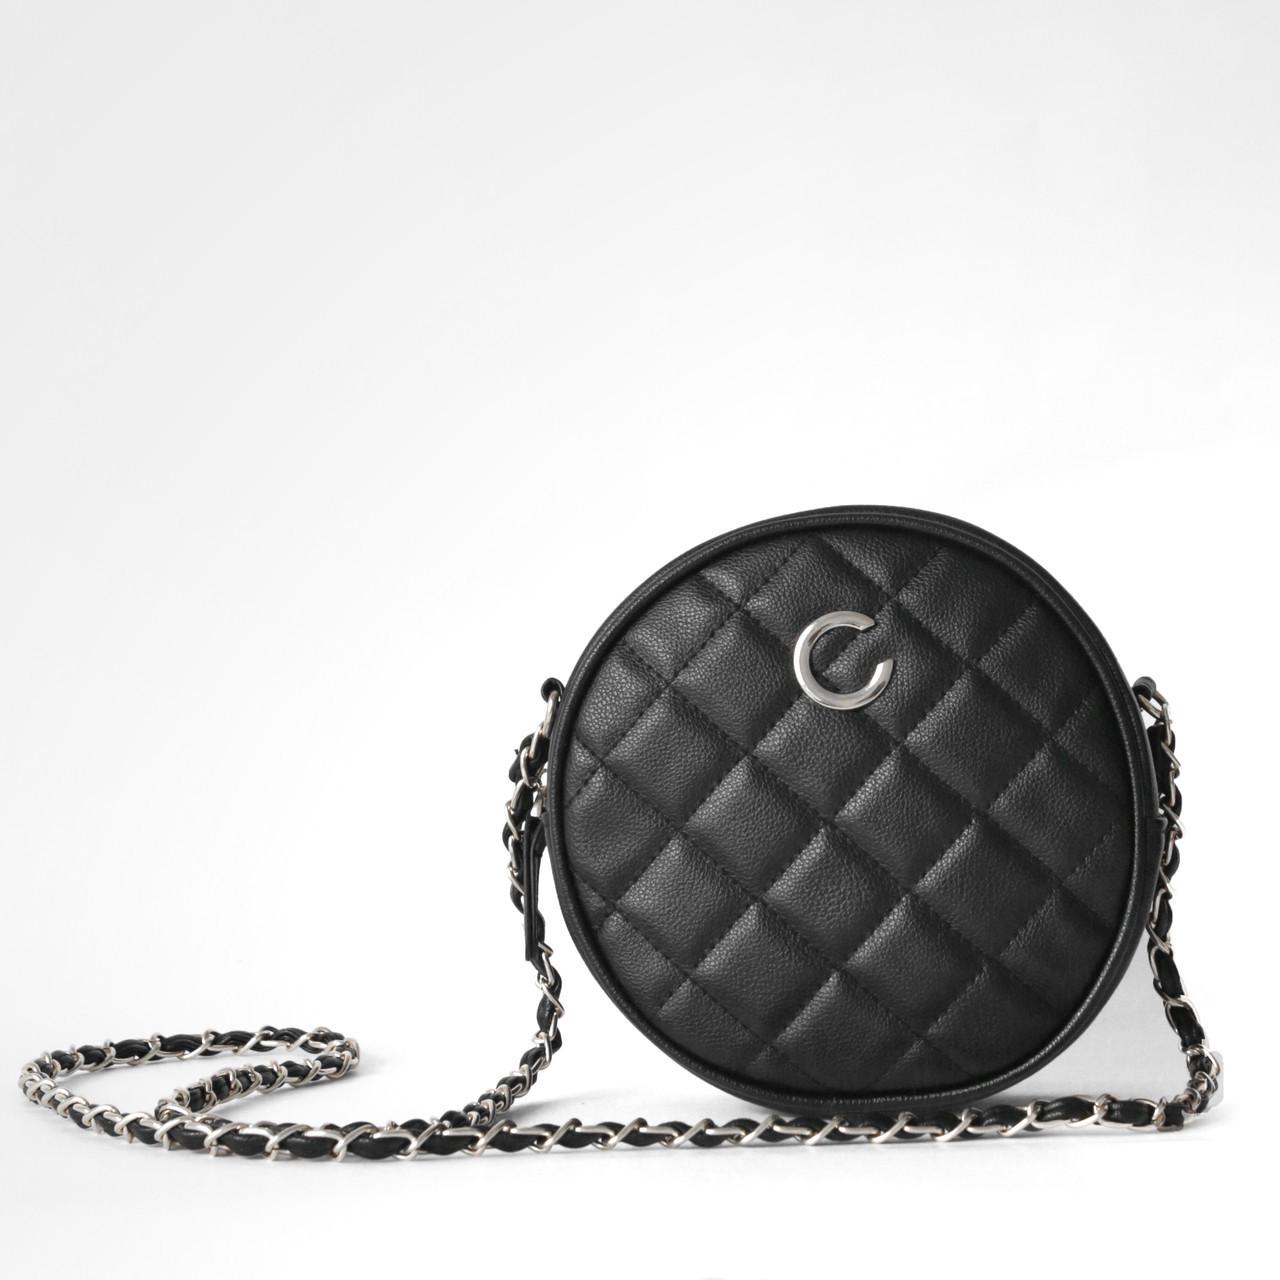 4d082b0b5c28 Стеганая маленькая круглая сумочка черного цвета опт купить по ...